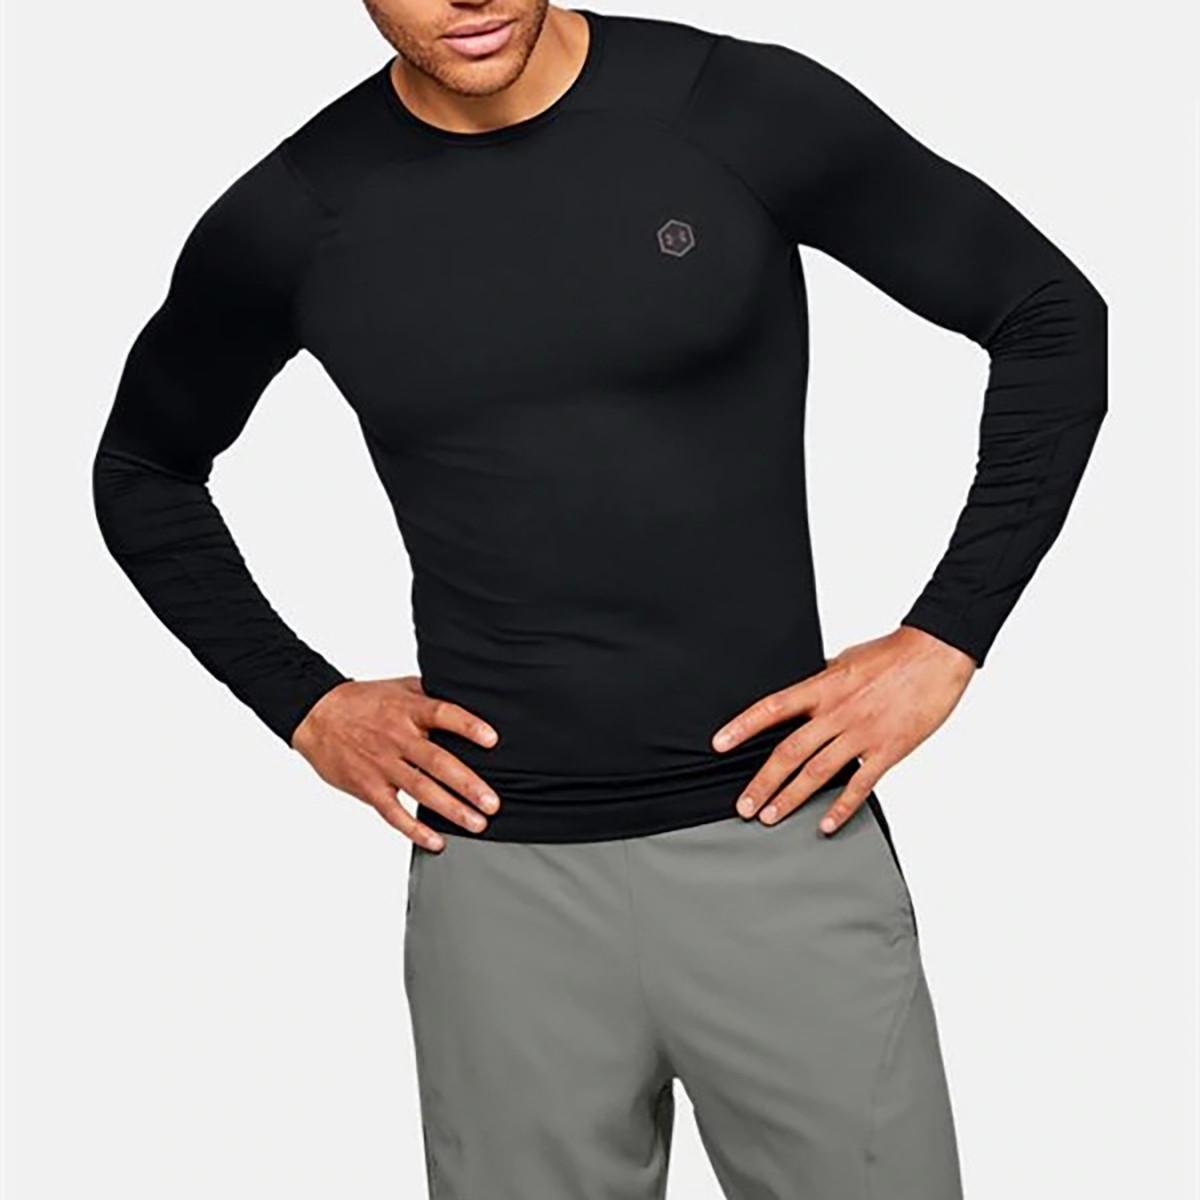 安德玛UA 男运动长袖T恤修身防异味排汗